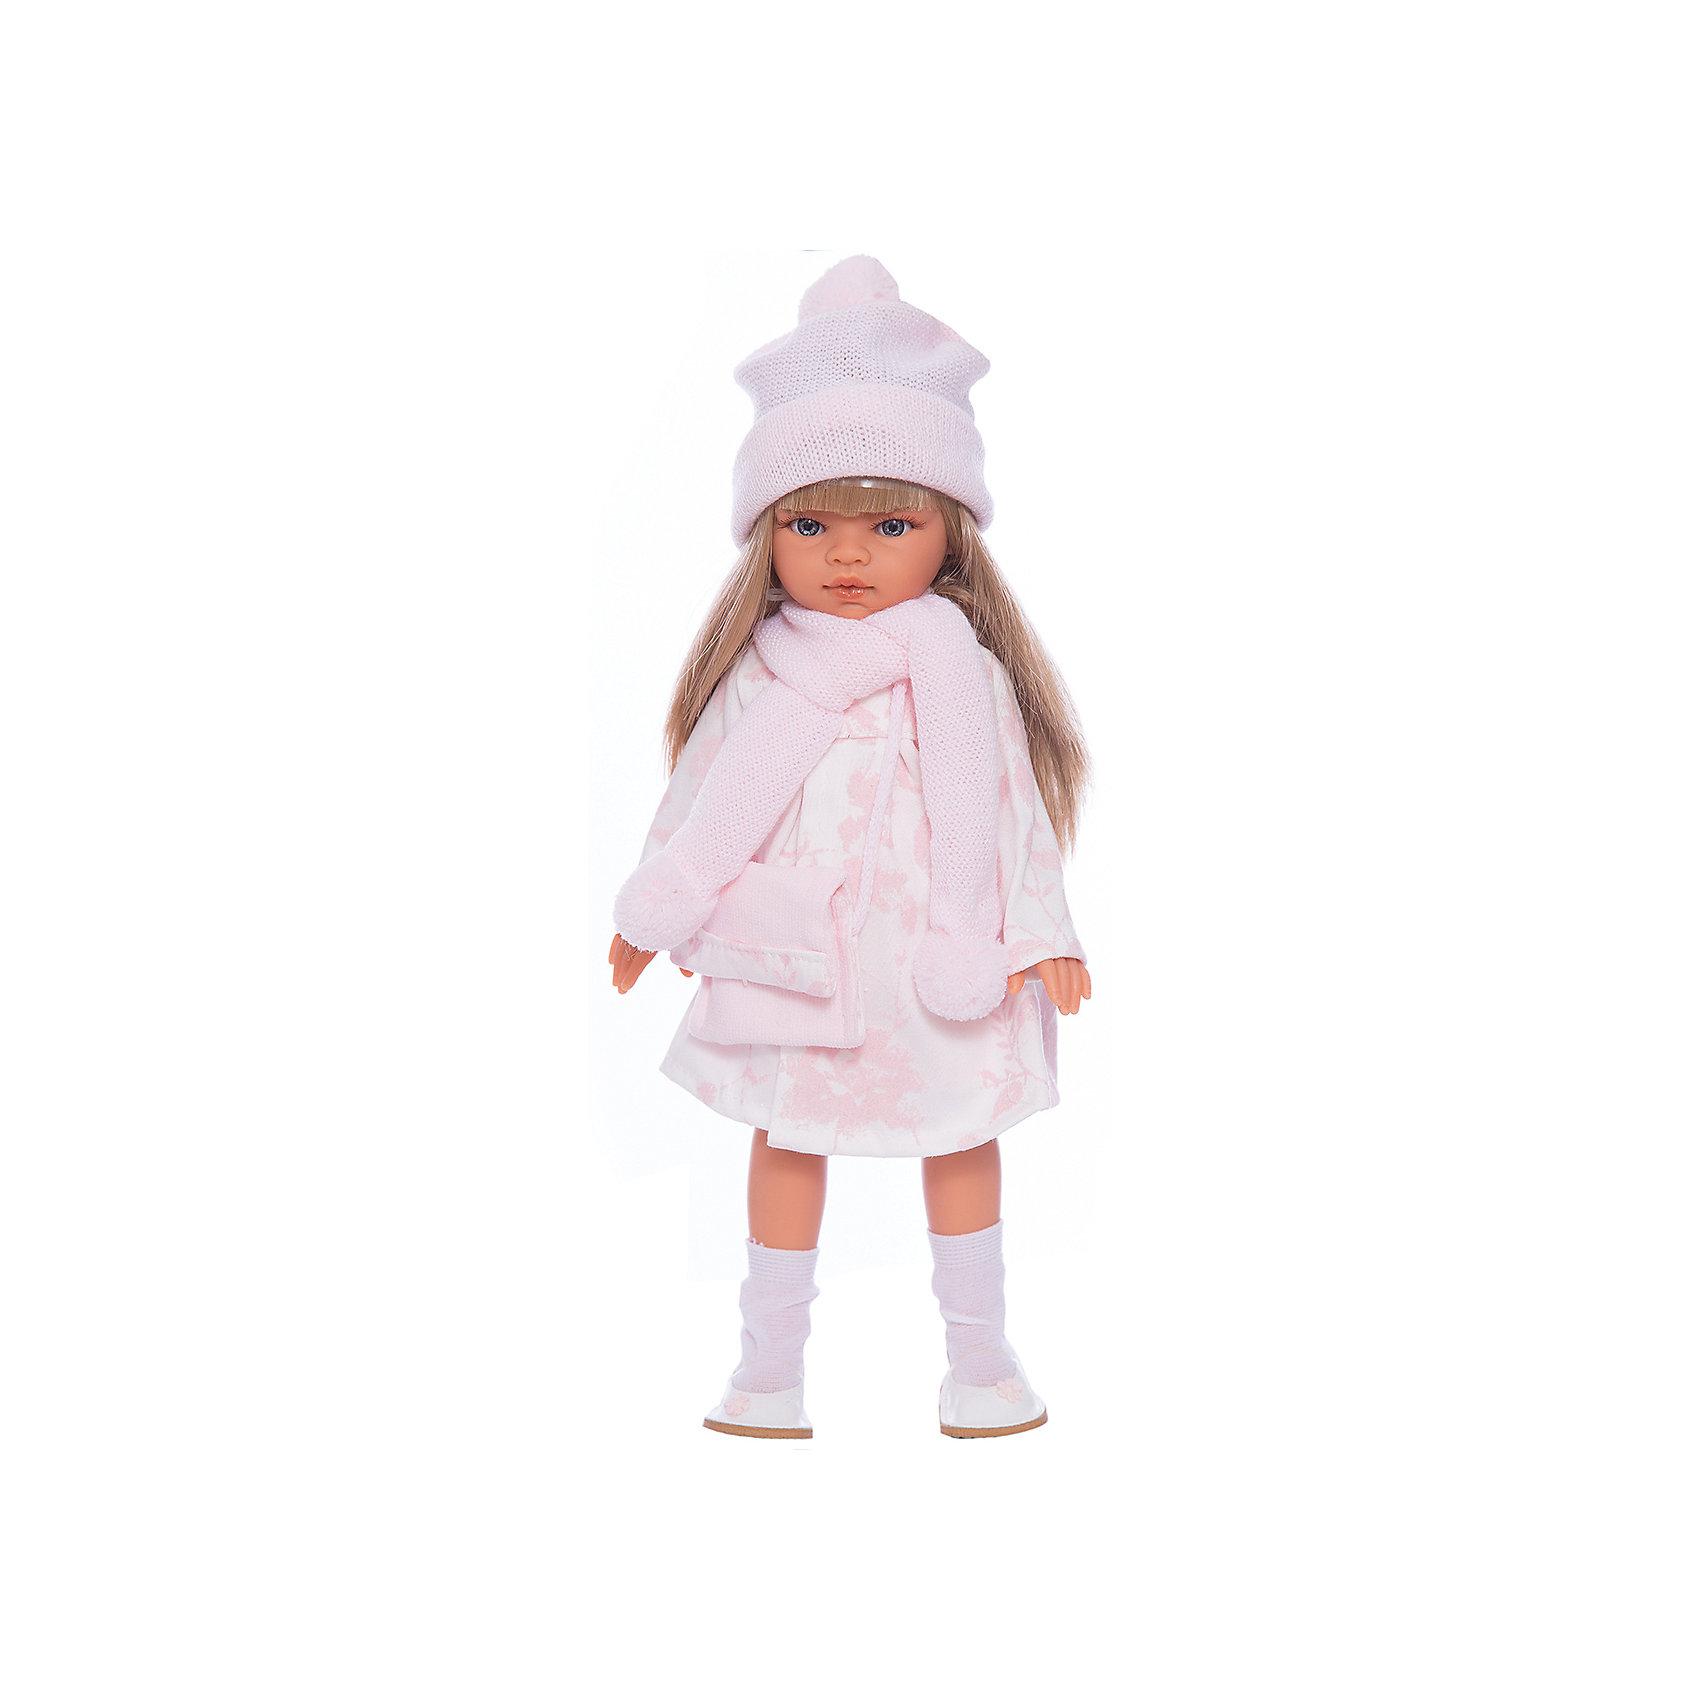 Munecas Antonio Juan Кукла Эмили, блондинка, 33 см, Munecas Antonio Juan куклы gulliver кукла дынька 30см